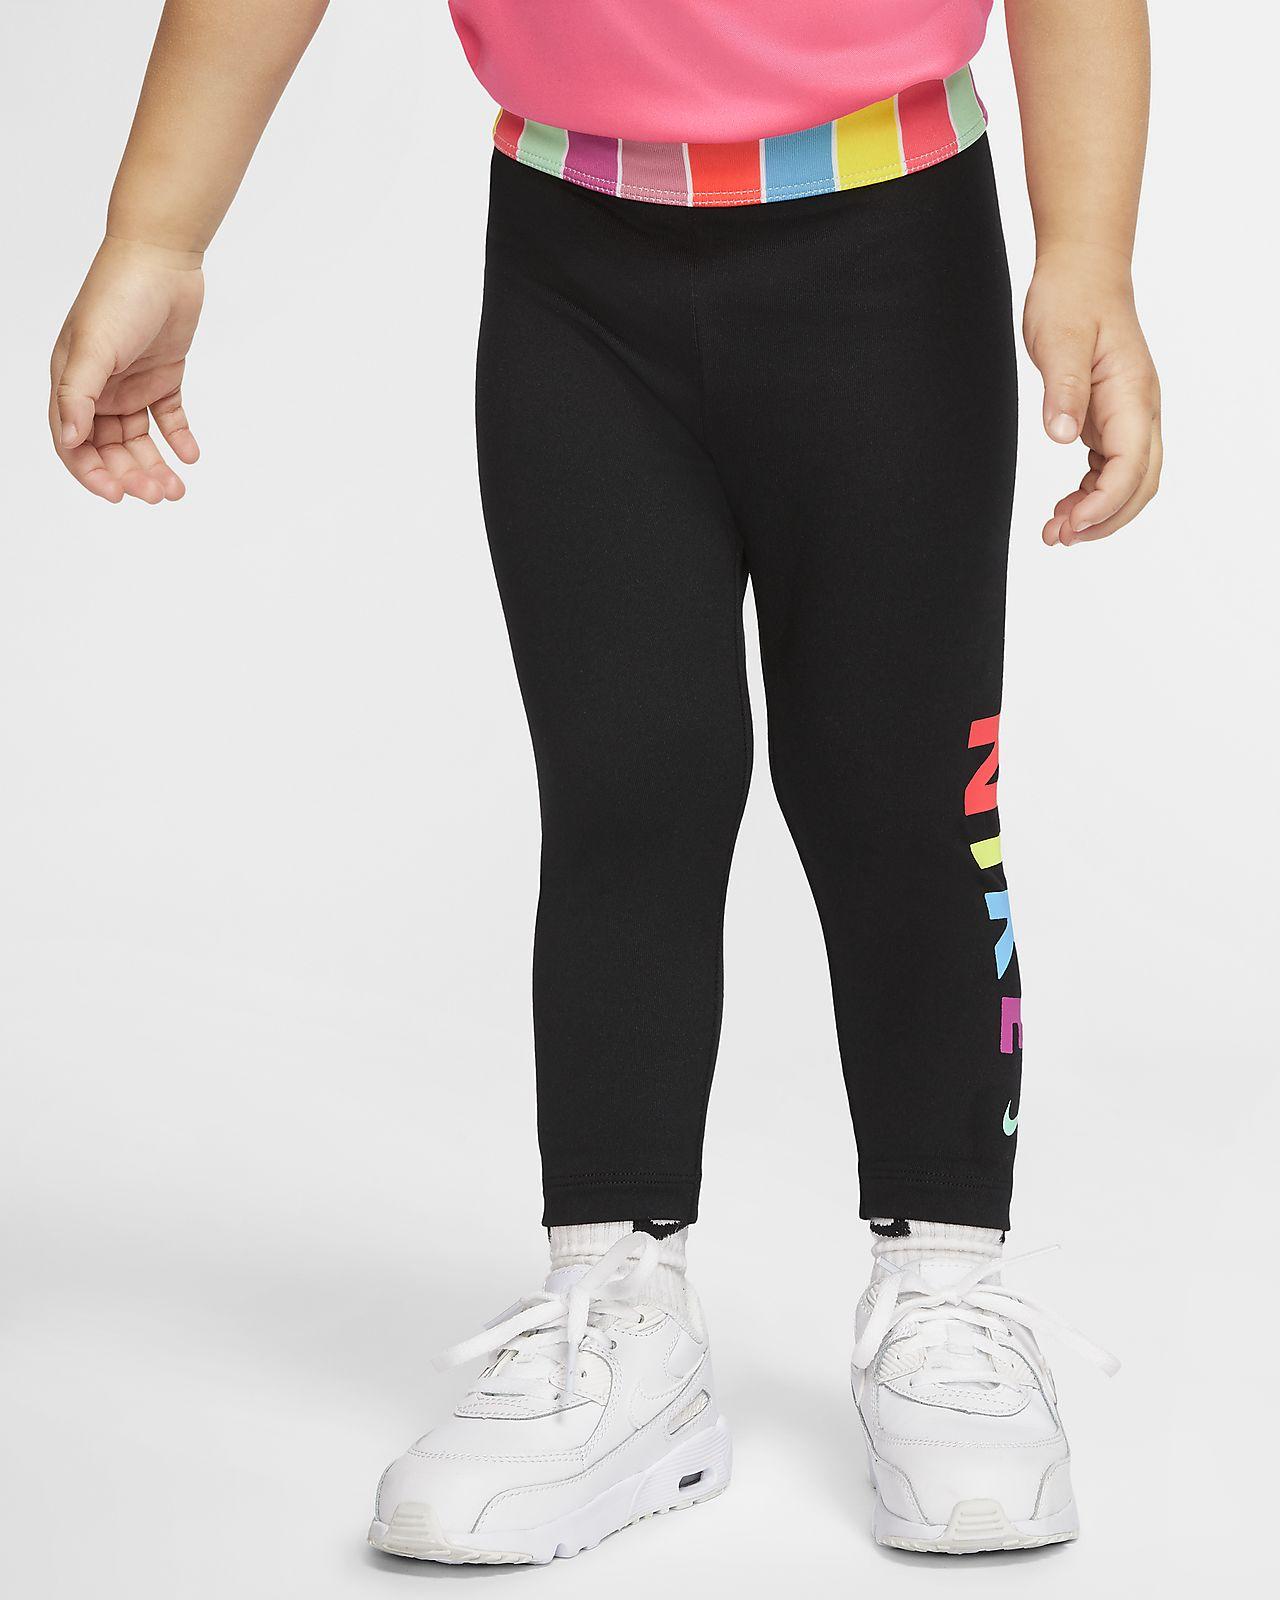 Nike Dri-FIT Toddler 3/4 Leggings